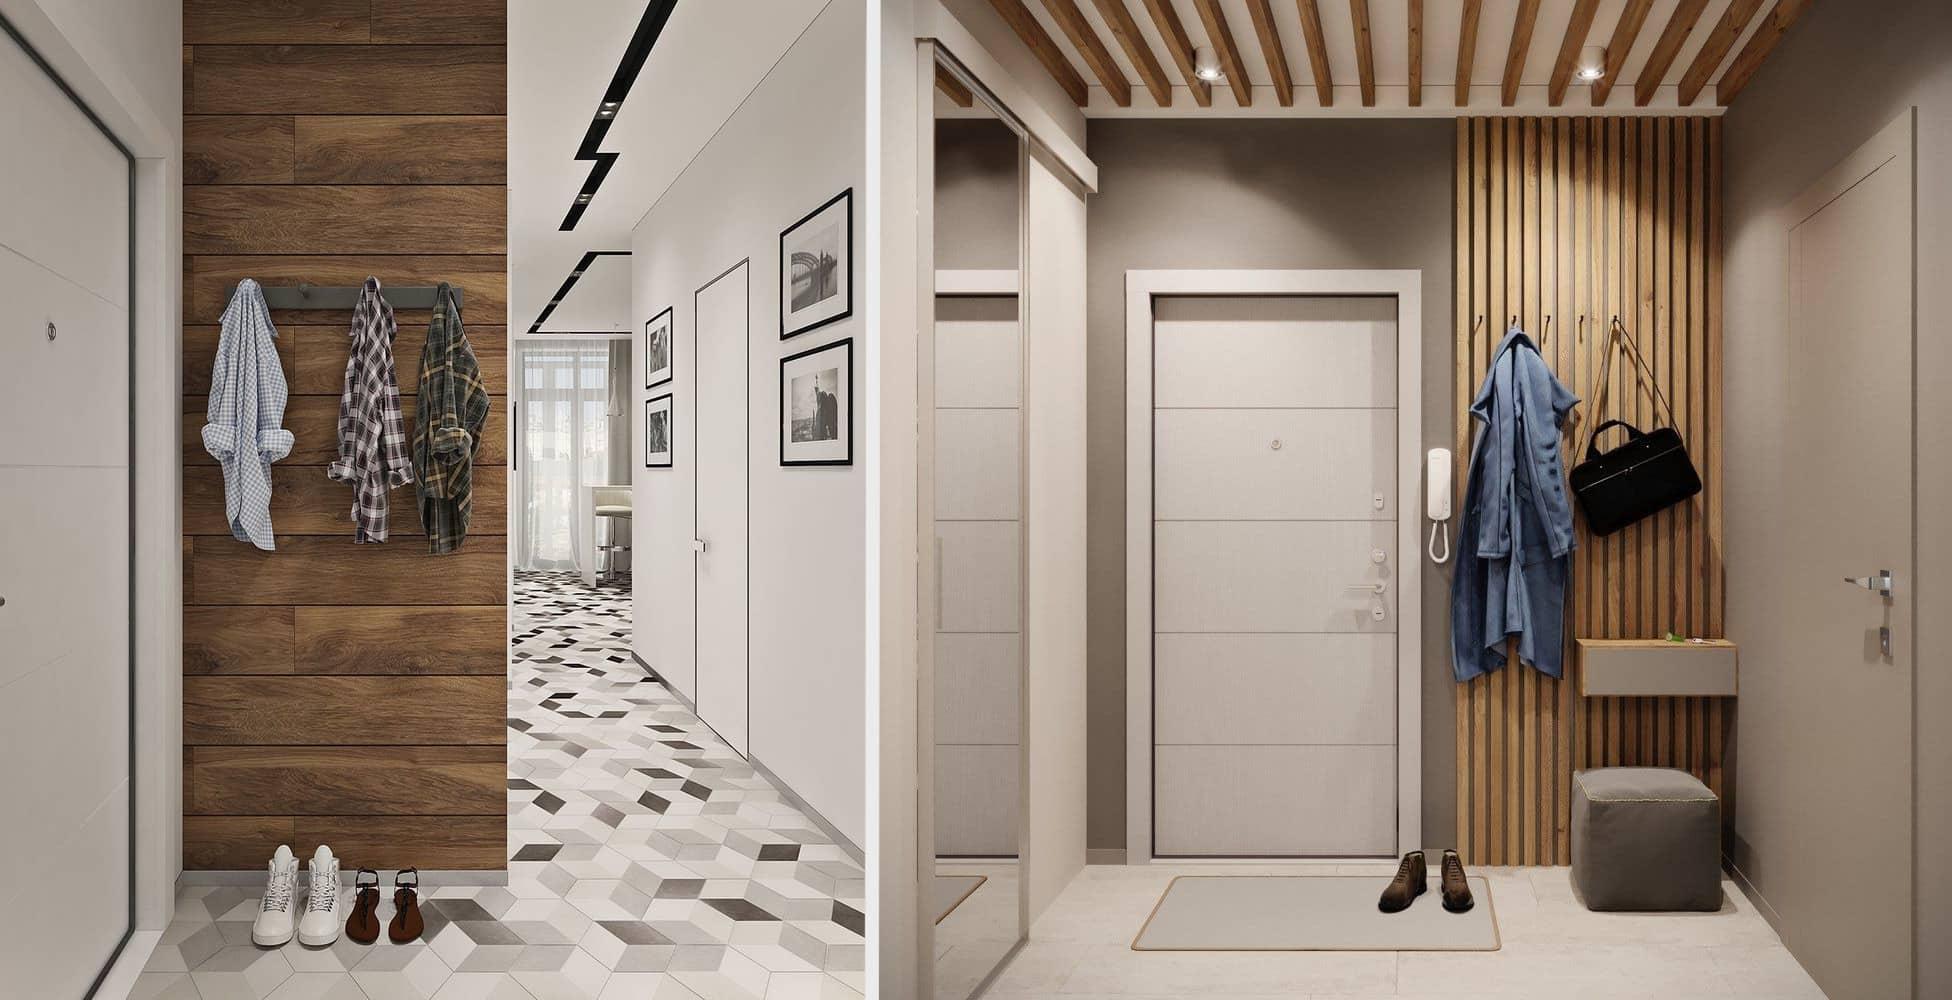 Aménagement de l'intérieur d'un couloir avec un accent naturel prononcé